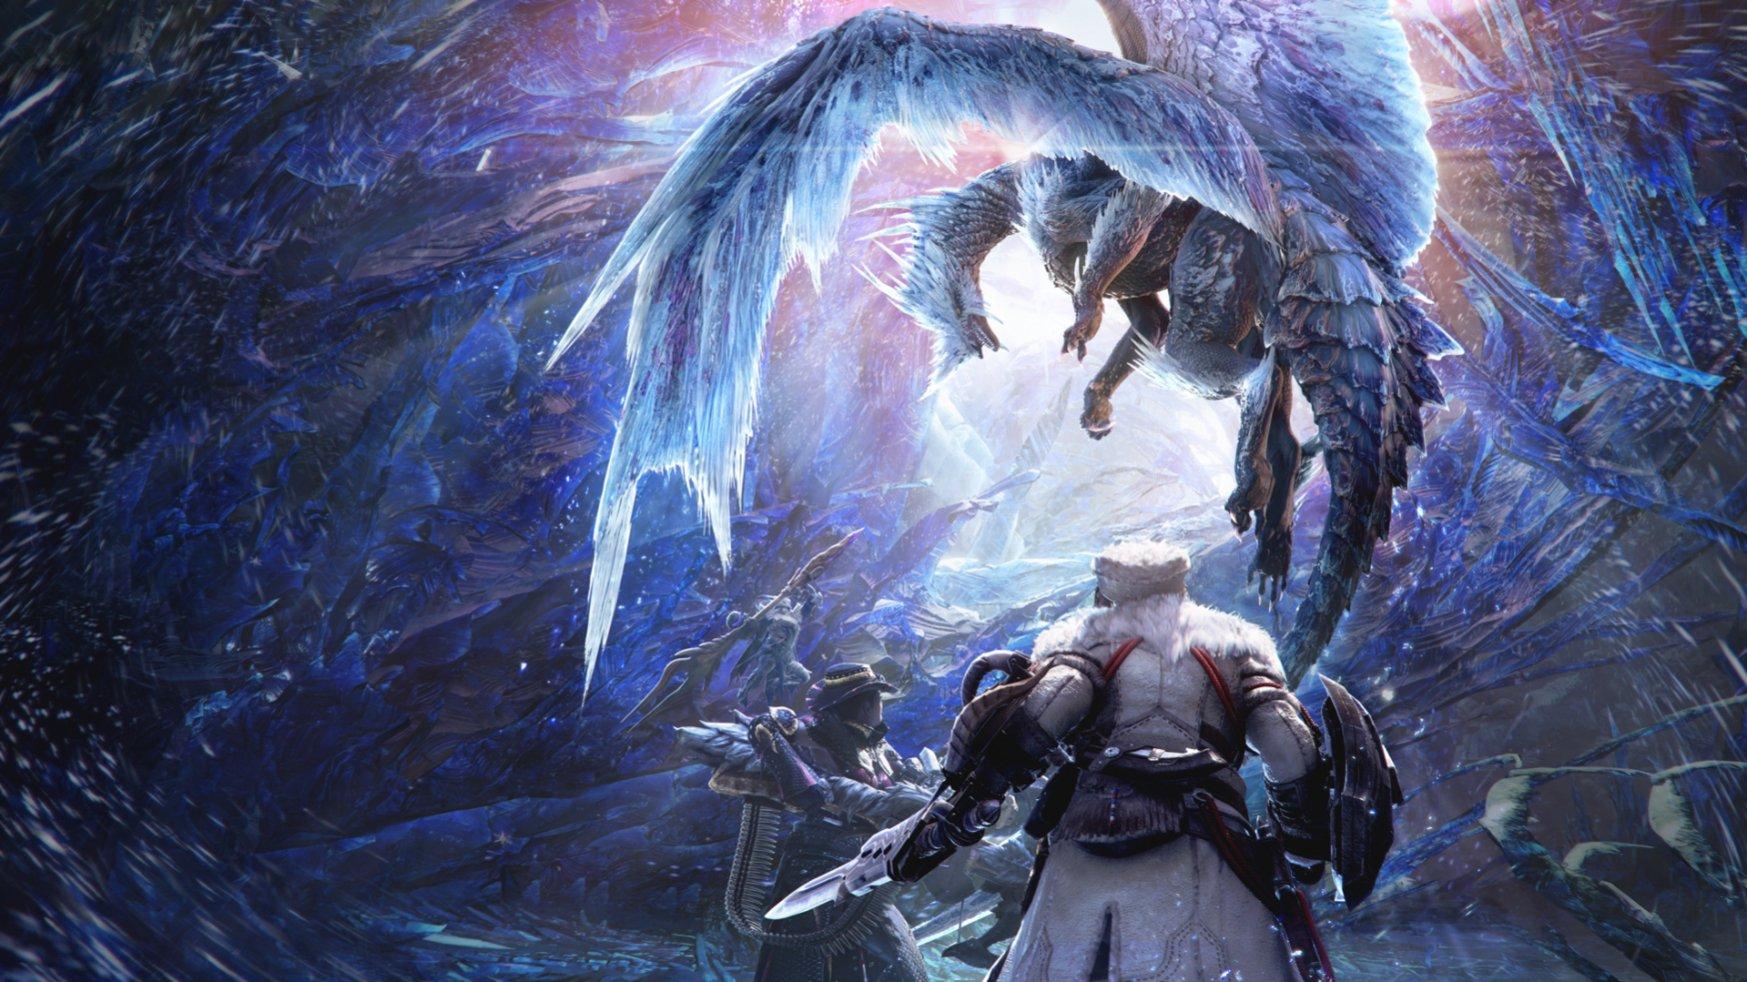 PS4、PS4 Pro本体と「モンスターハンターワールド:アイスボーン マスターエディション」を同梱したスターターパックを数量限定で9月6日発売